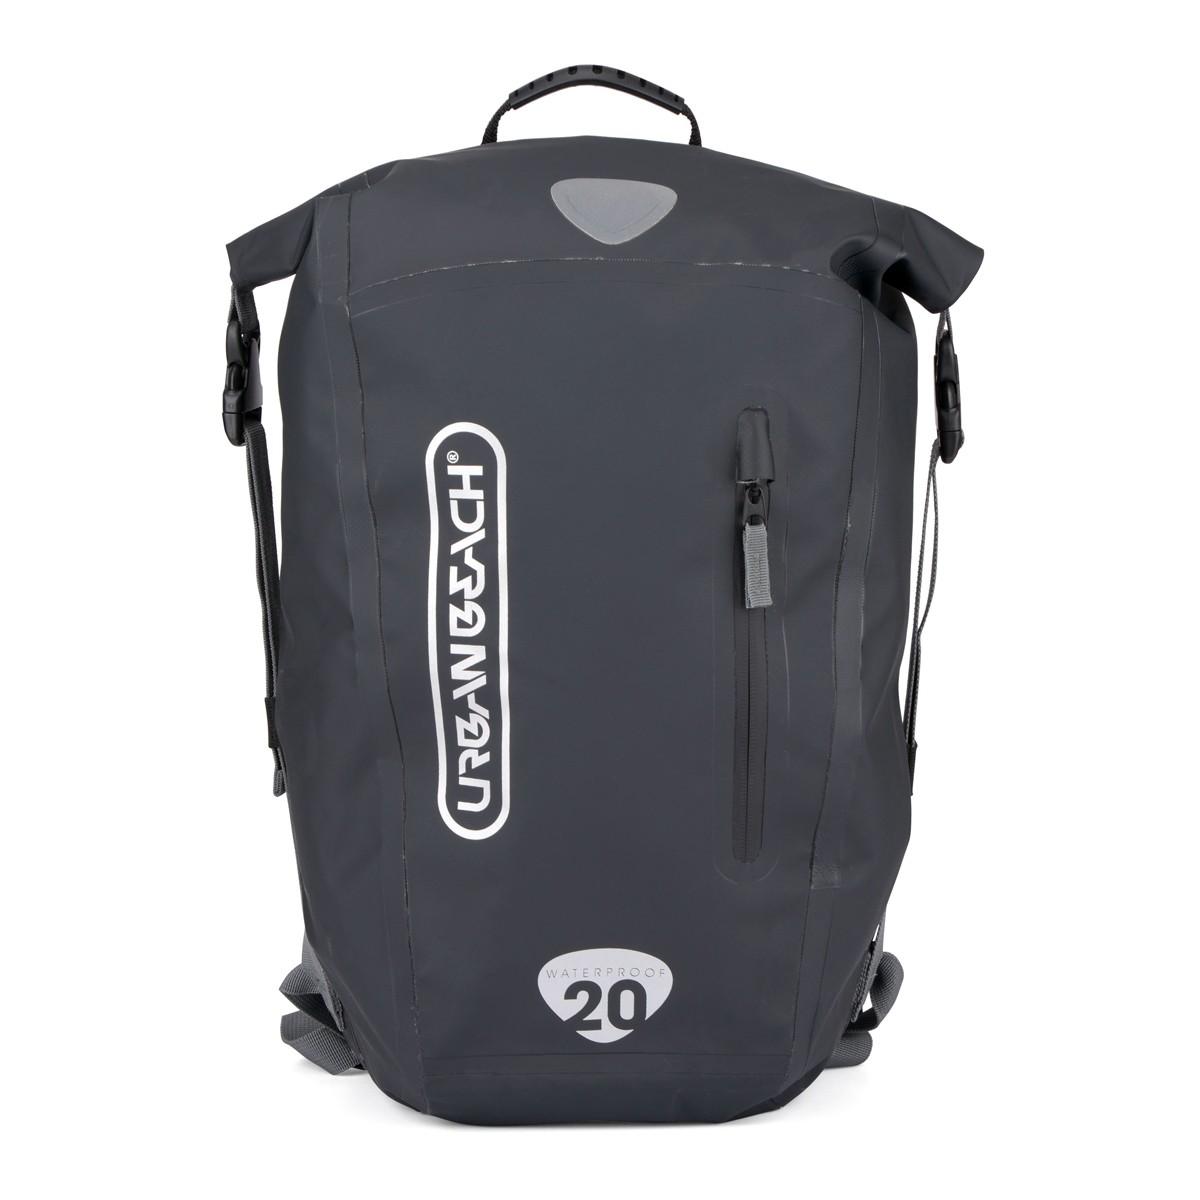 20L Dry Bag - Black - Bags - Accessories - Mens 36b8800031a6